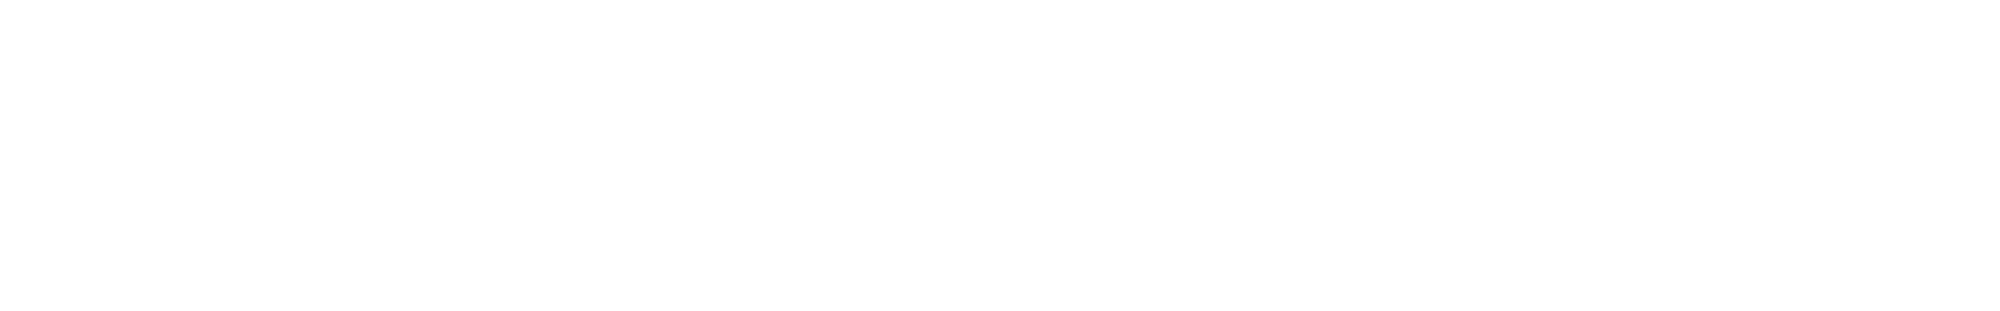 Environmental-CaseStudy-Divider